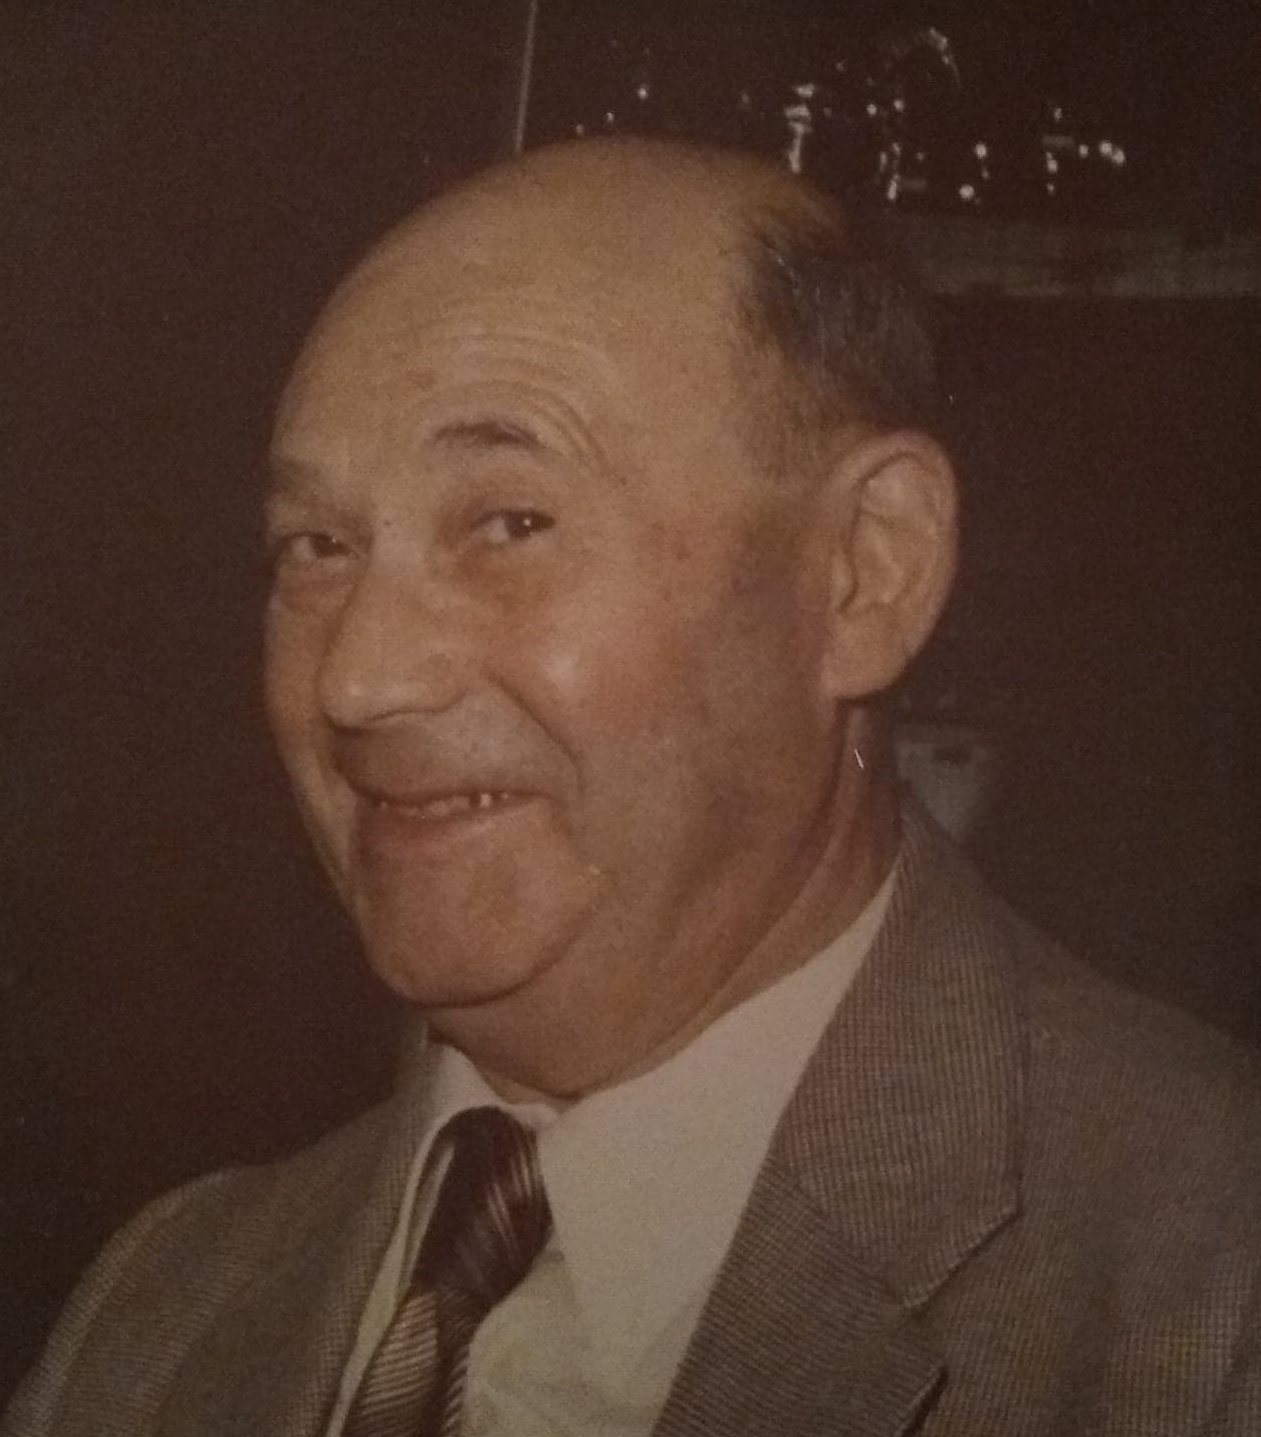 Матвей Шафранский в возрасте 62 лет. Фото: архив семьи Шафранских